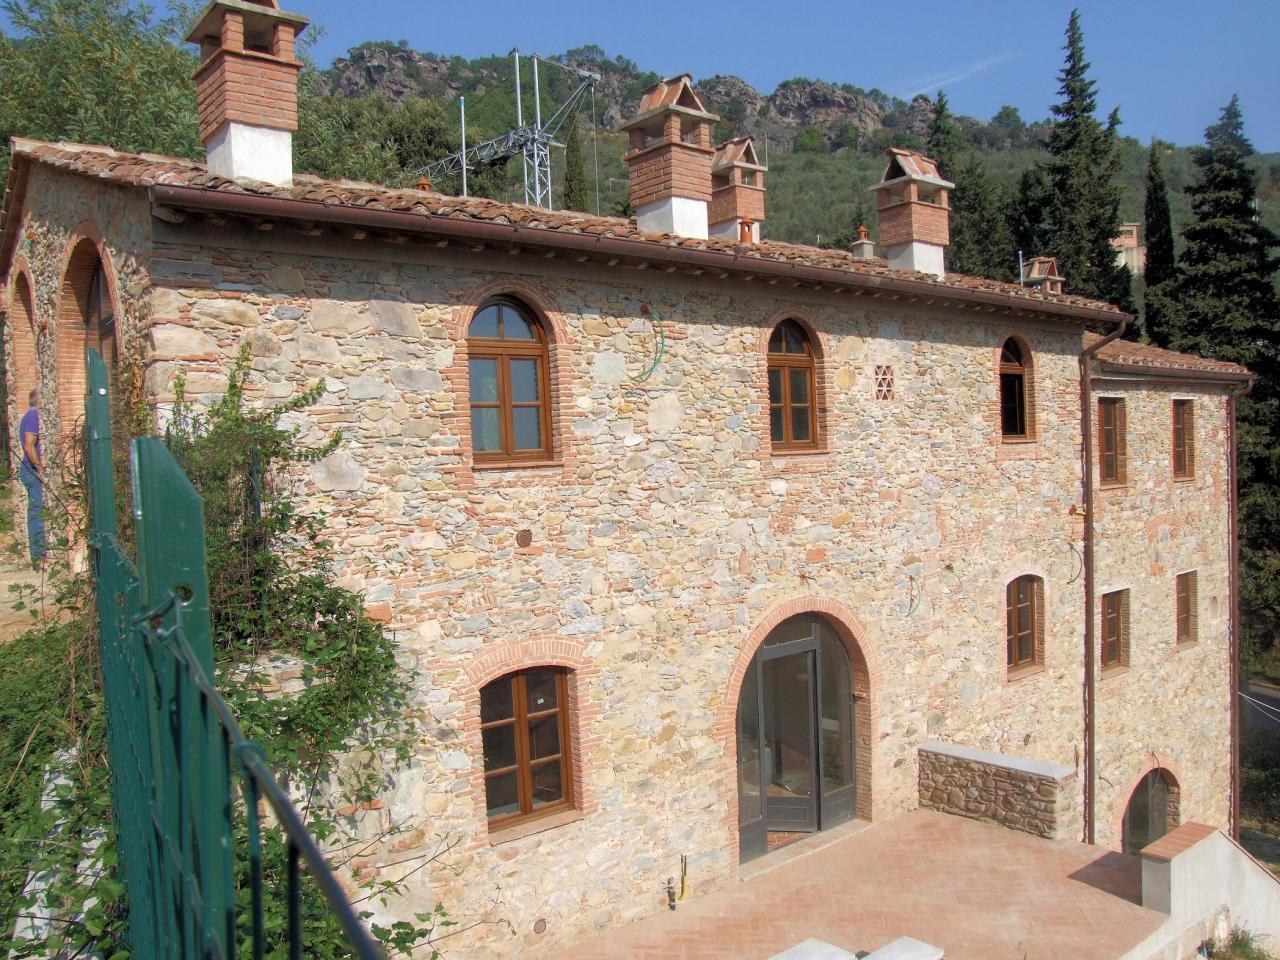 Appartamento in vendita a Buti, 1 locali, prezzo € 80.000 | CambioCasa.it